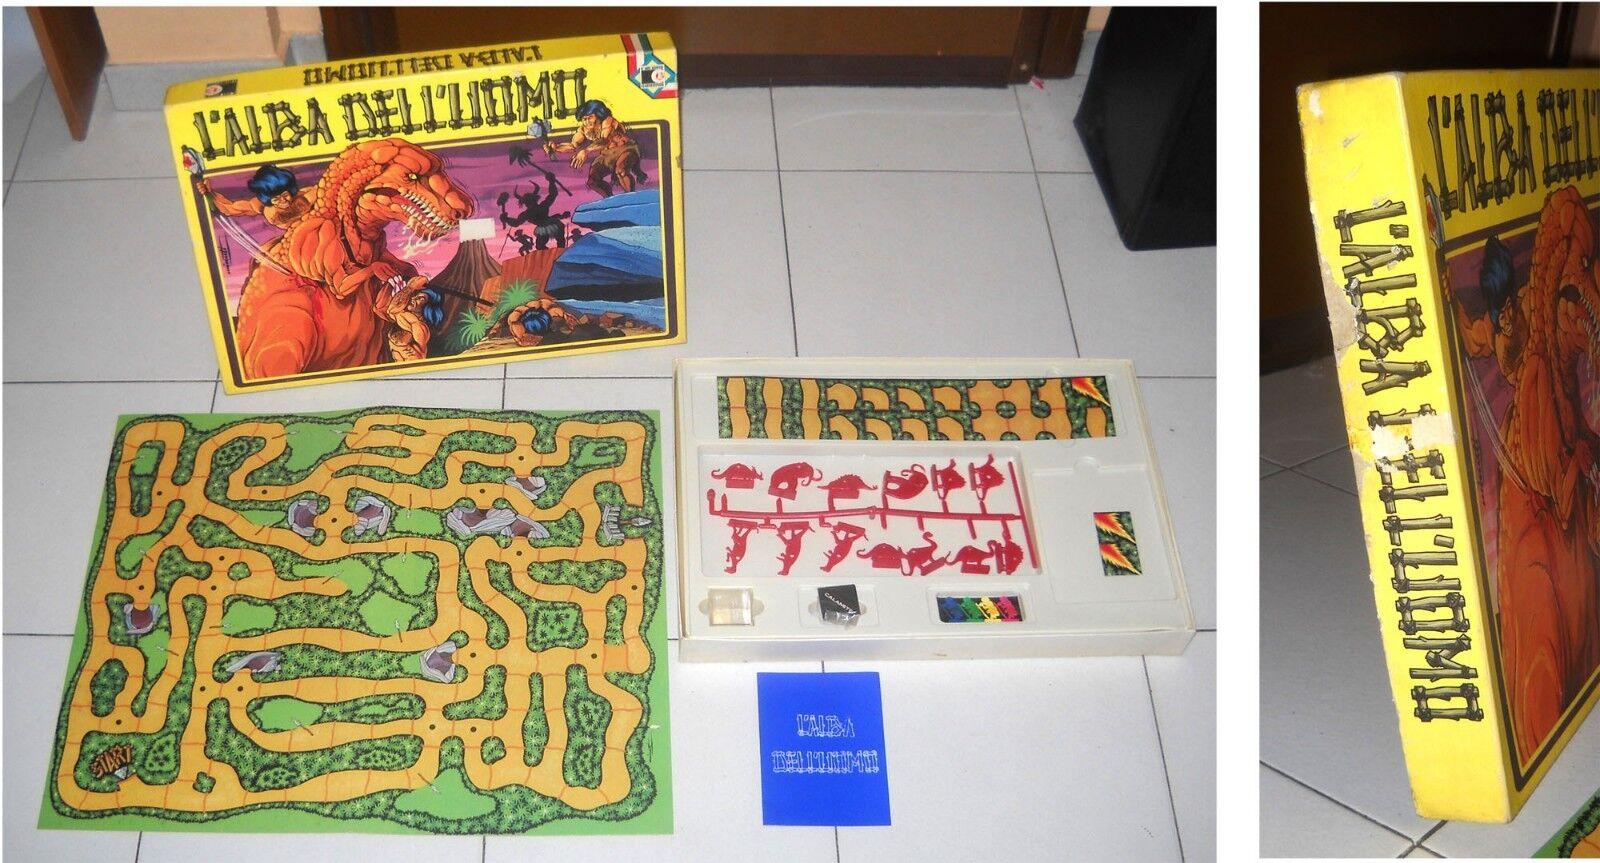 L'ALBA L'ALBA L'ALBA De L''MÂLE -Clementoni Jeux 1973 NEUF Minutes Préhistoire c4c532